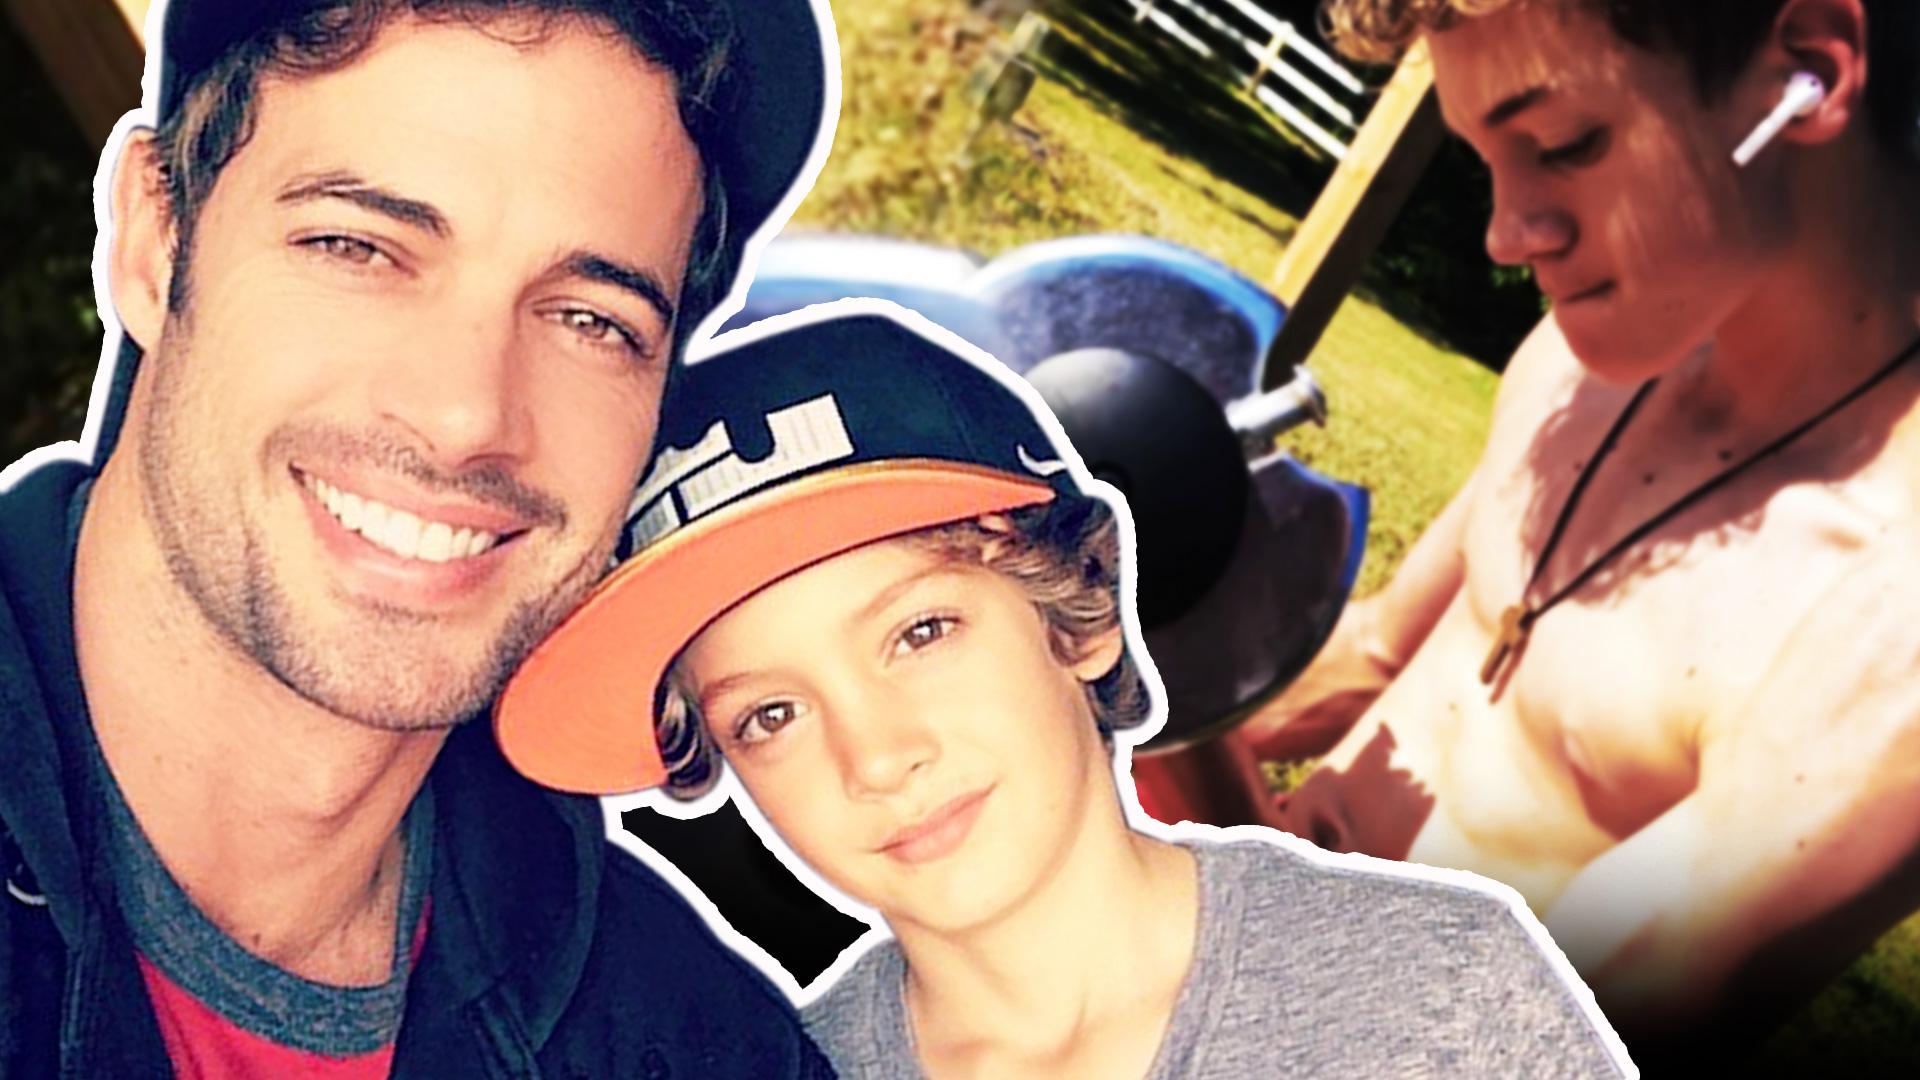 El hijo de William Levy tiene el mismo rostro y hasta los mismos músculos que su papá, así ha crecido